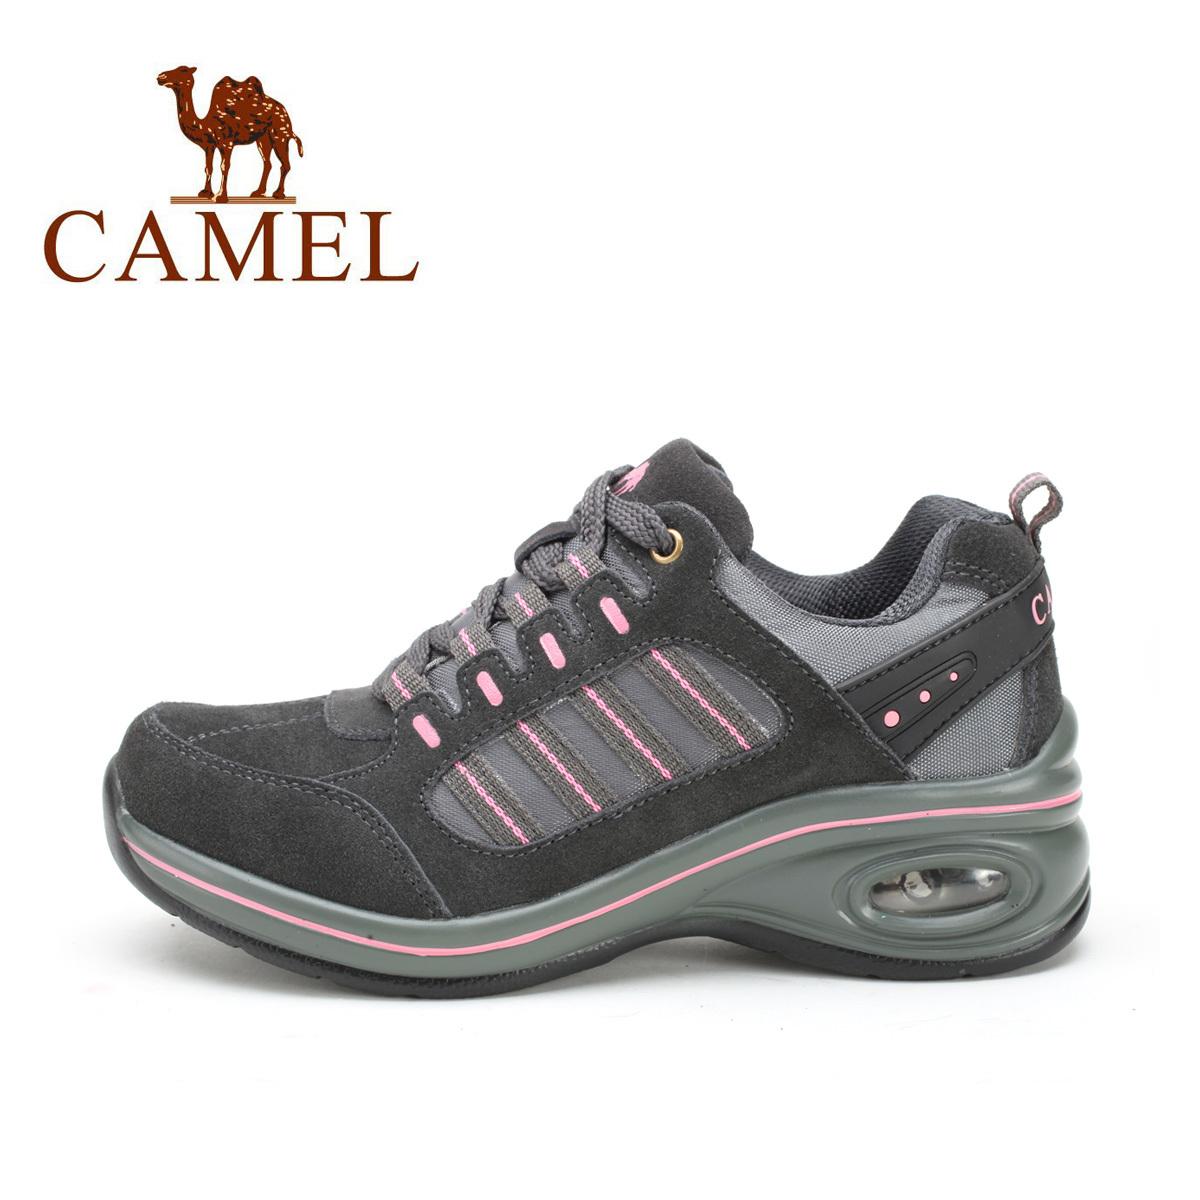 трекинговые кроссовки Camel 1230521. 1230521 Camel Китай Женское